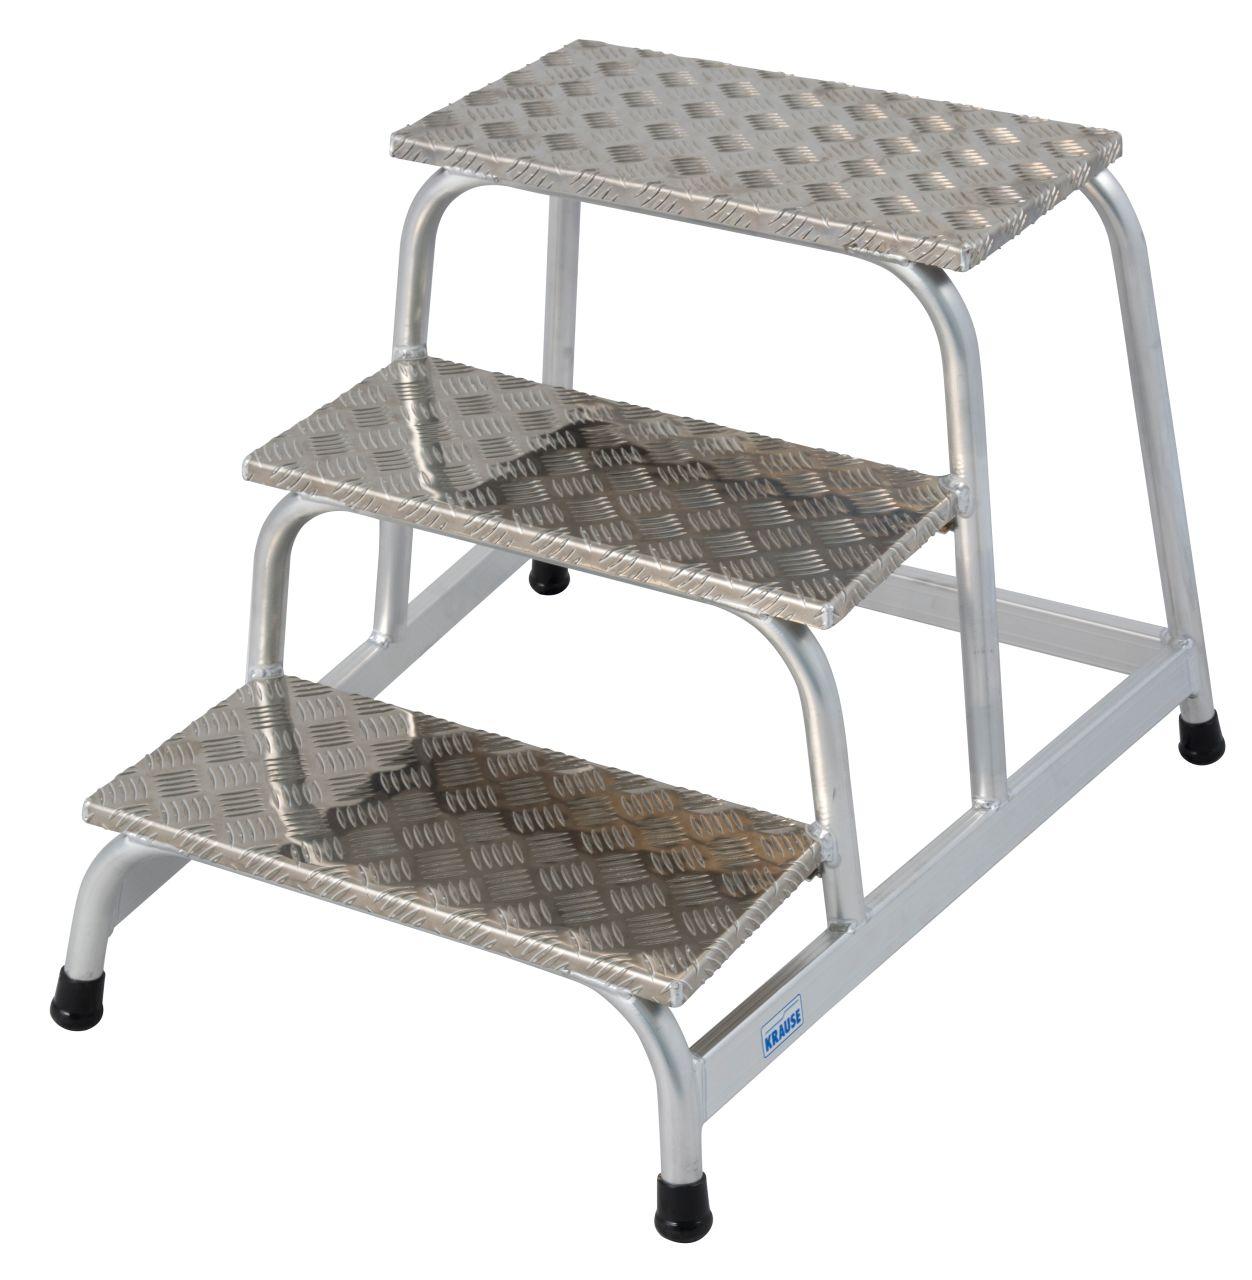 Montagetritt. Der bewährte und leichte Aluminium- Montagetritt für anspruchsvolle industrielle Anwendungen mit rutschhemmenden Stufen